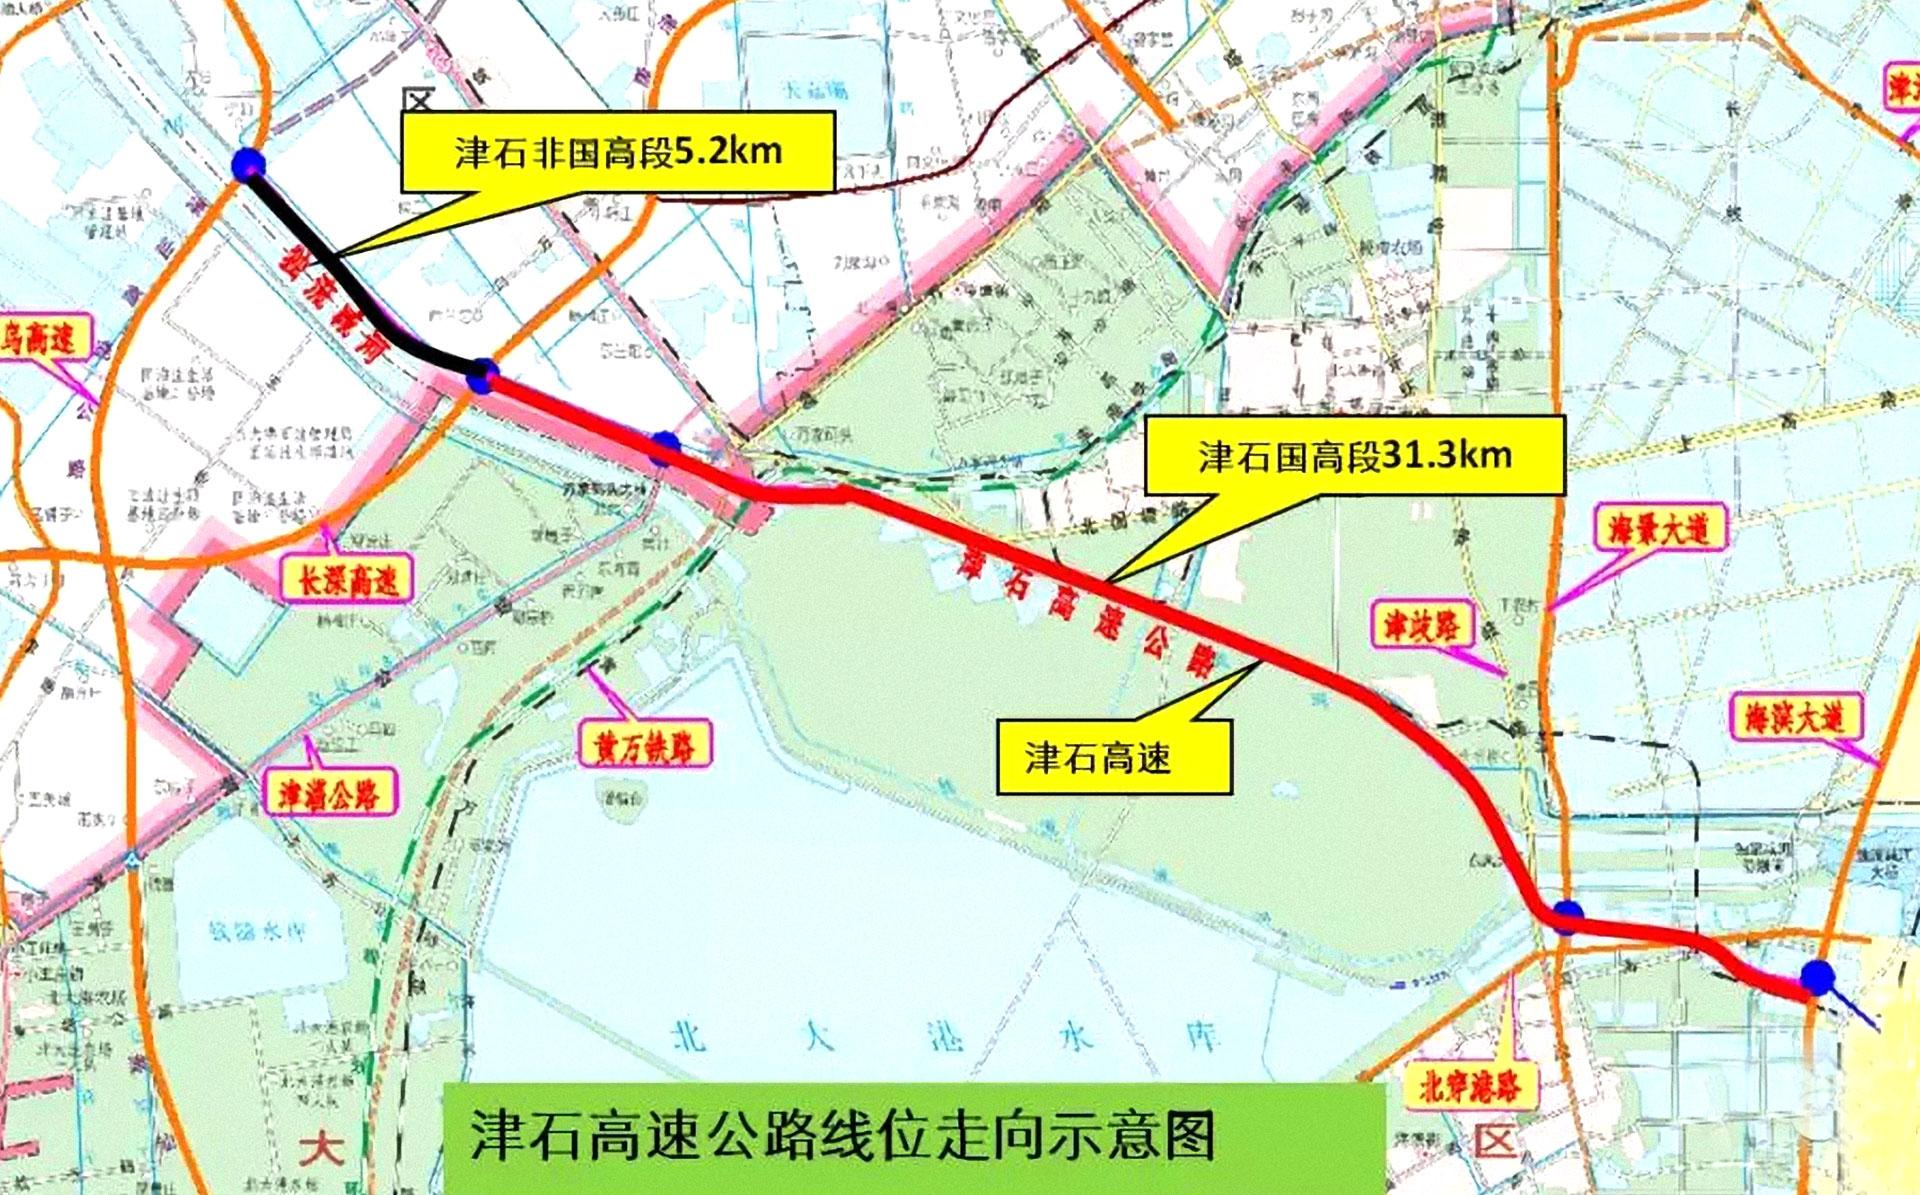 津石高速公路